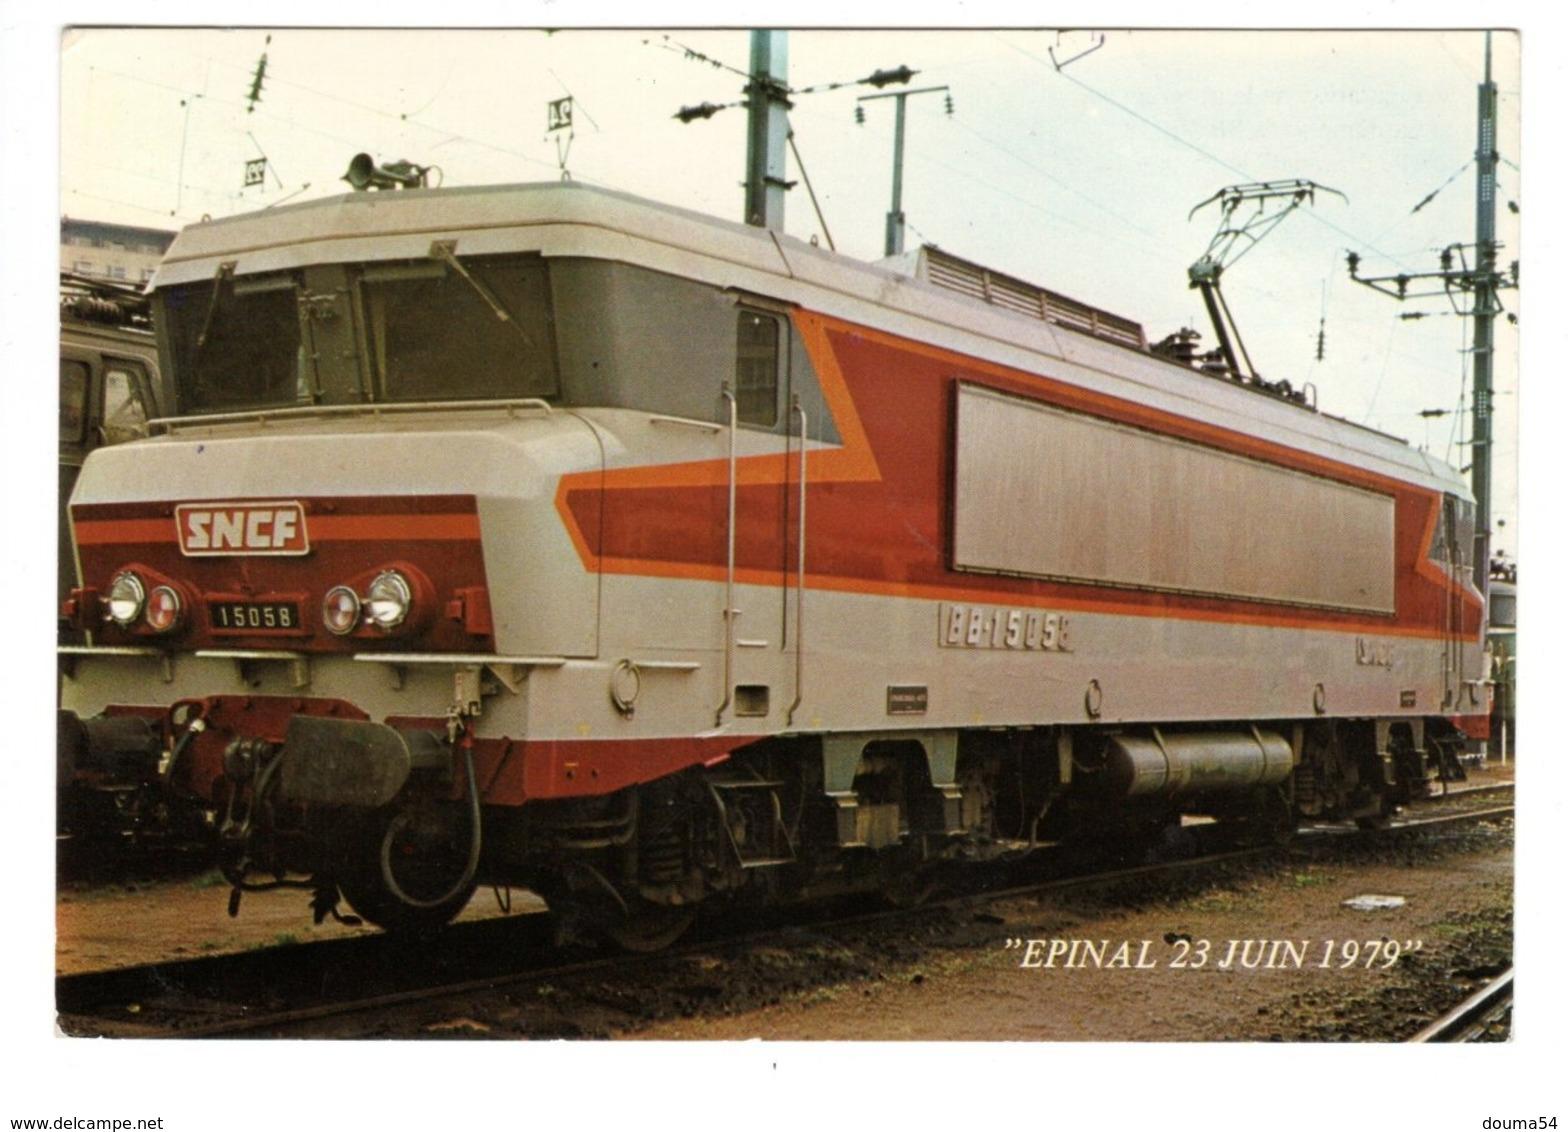 EPINAL (88) - Inauguration De La Gare Rénovée - BB 15058 - 1979 - Epinal